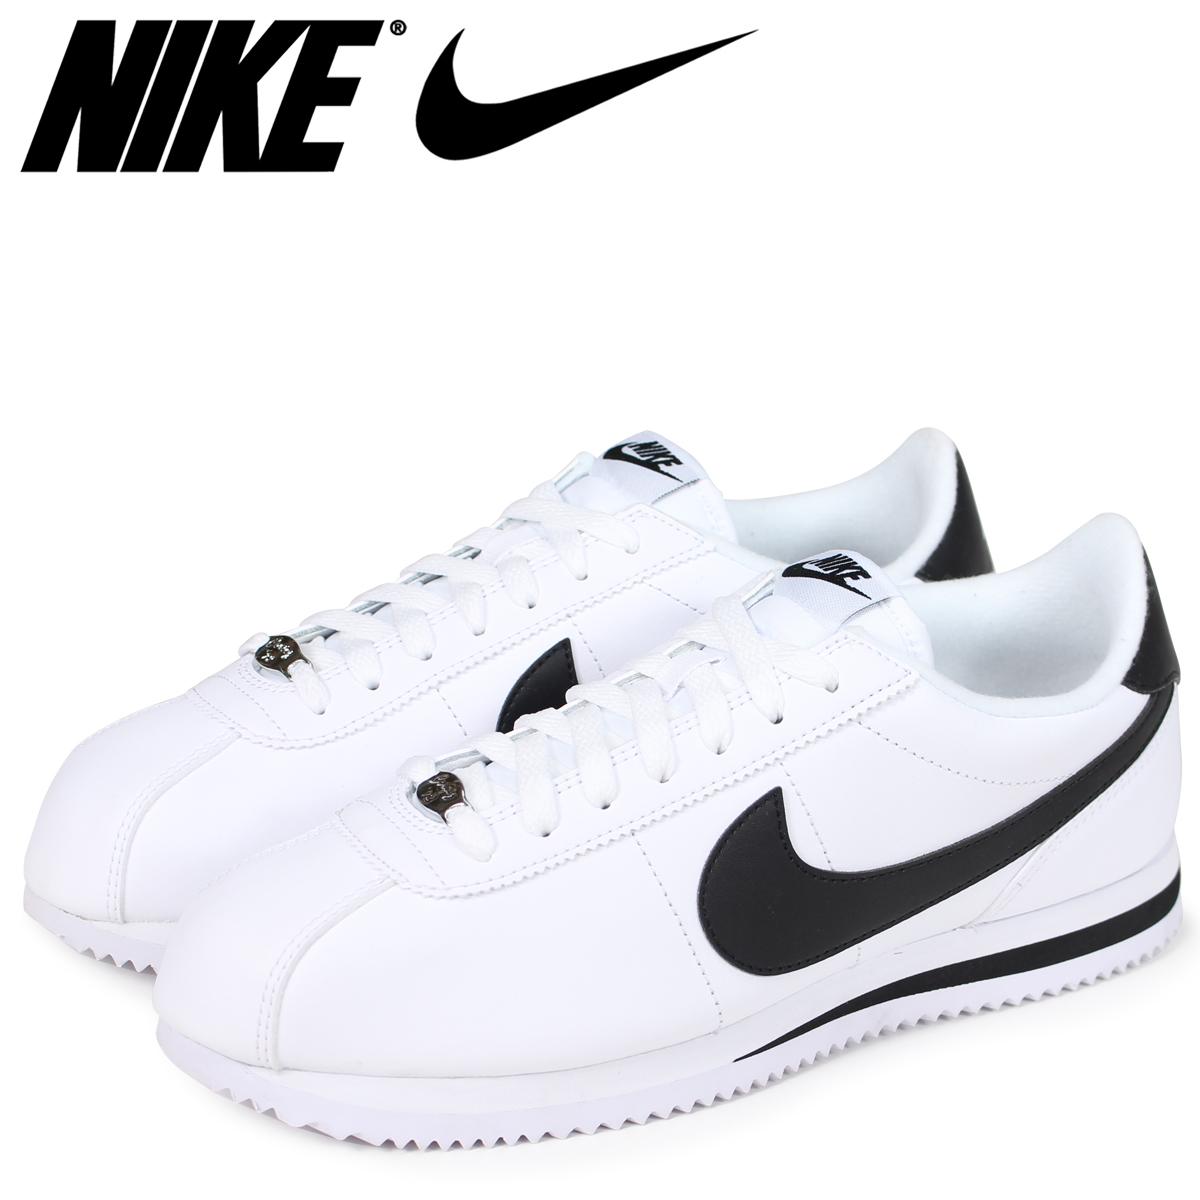 NIKE ナイキ コルテッツ スニーカー CORTEZ BASIC LEATHER 819719-100 メンズ 靴 ホワイト